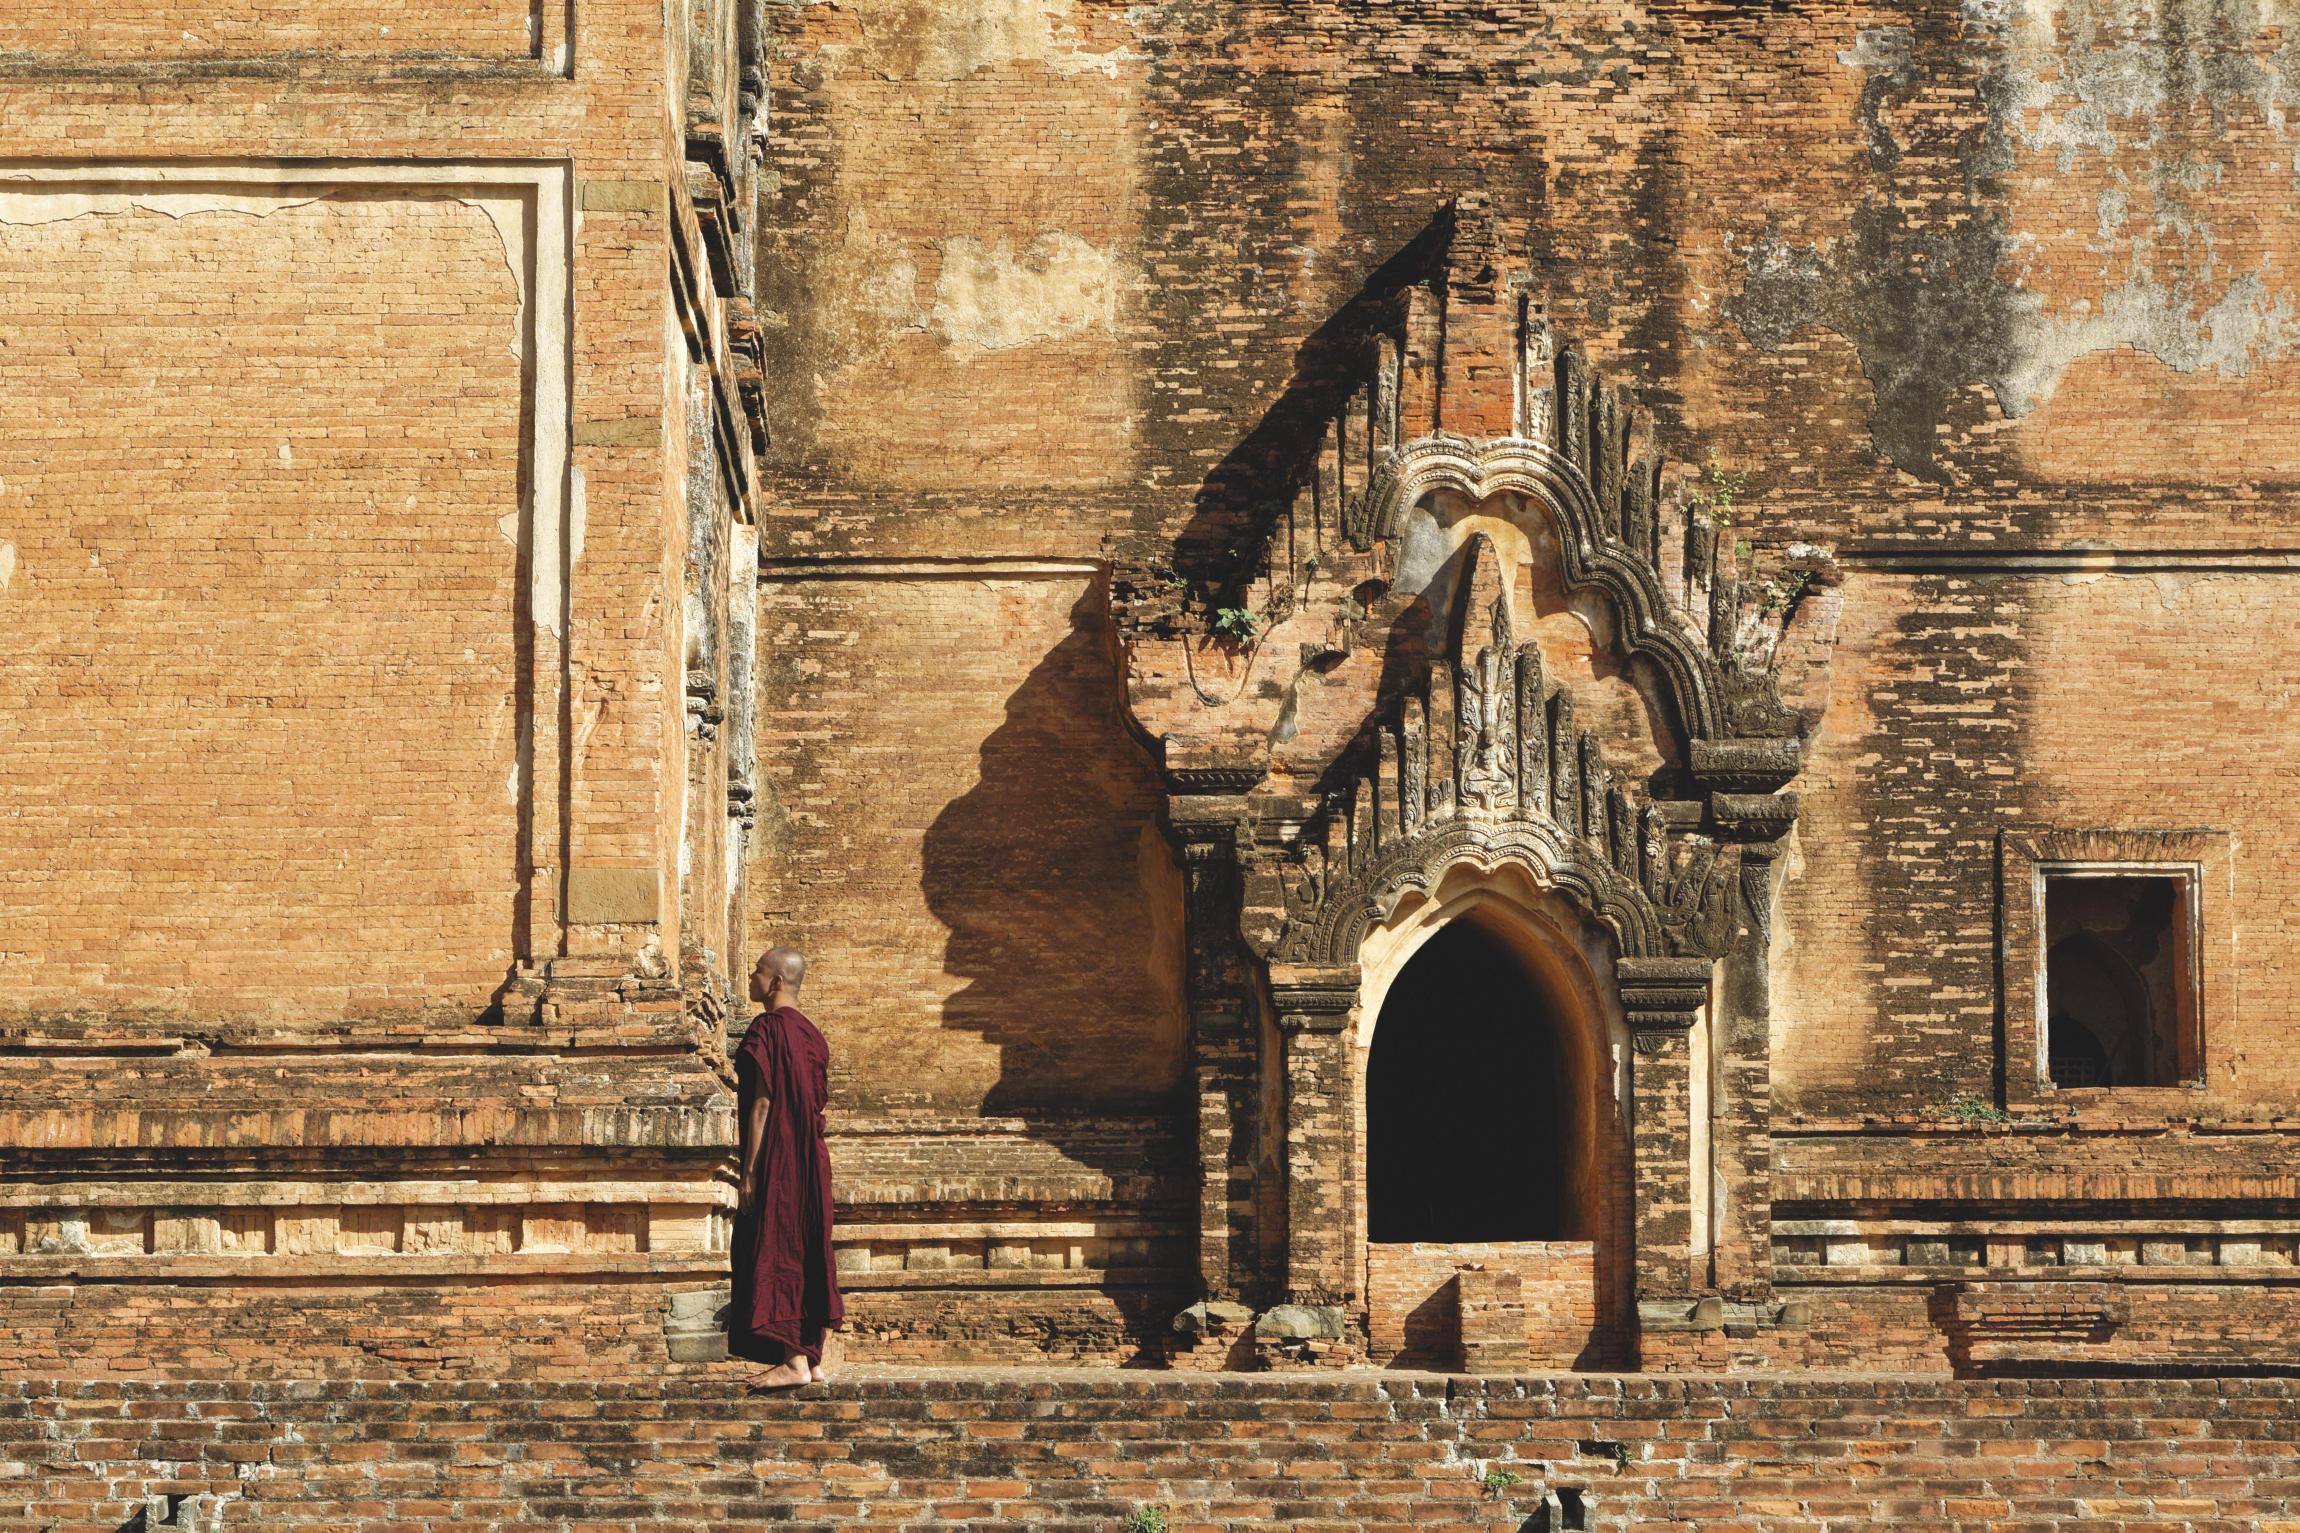 Bonze devant un temple de Bagan